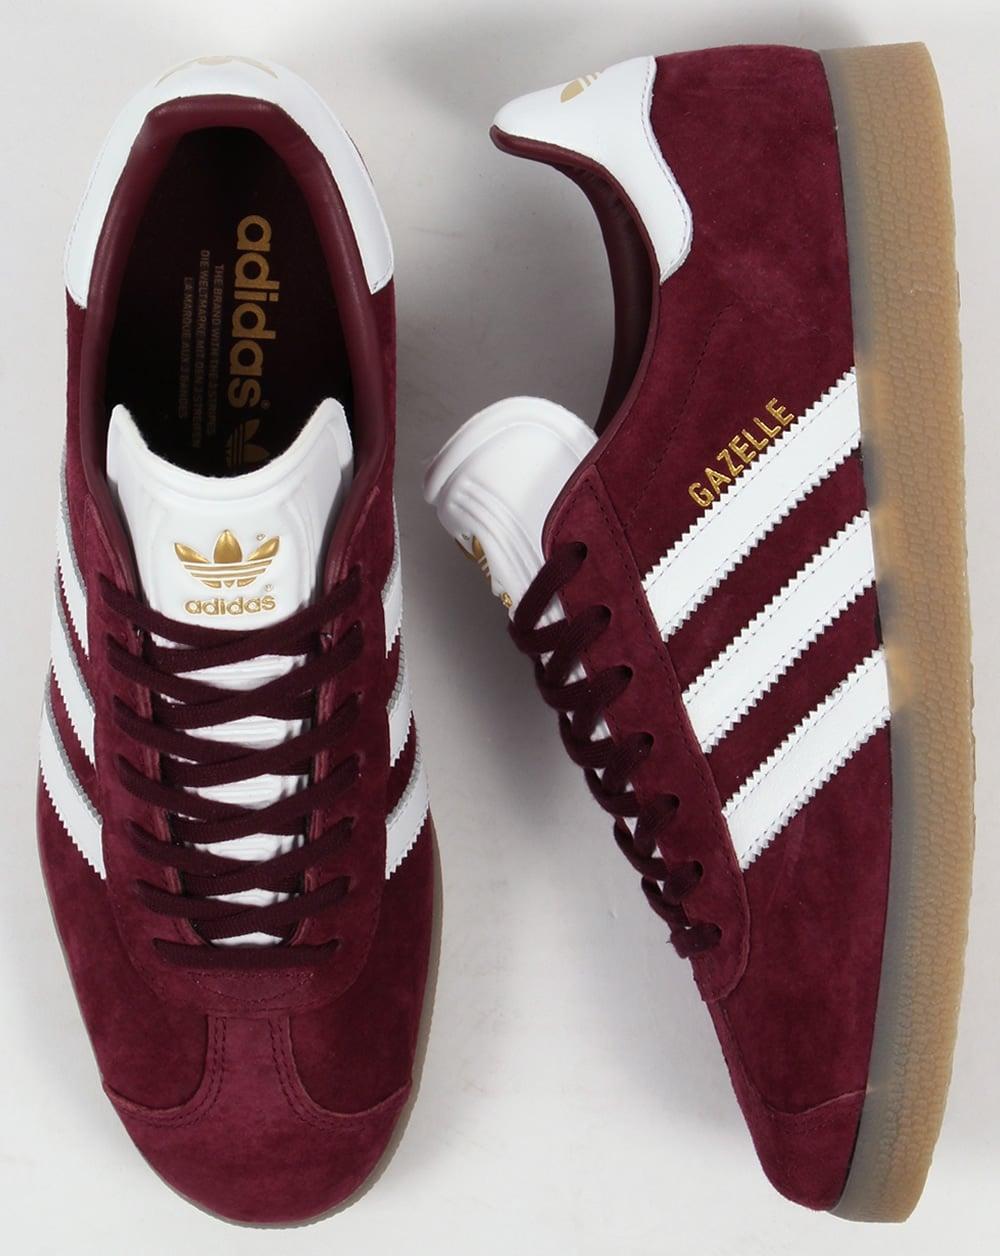 adidas gazelle maroon white